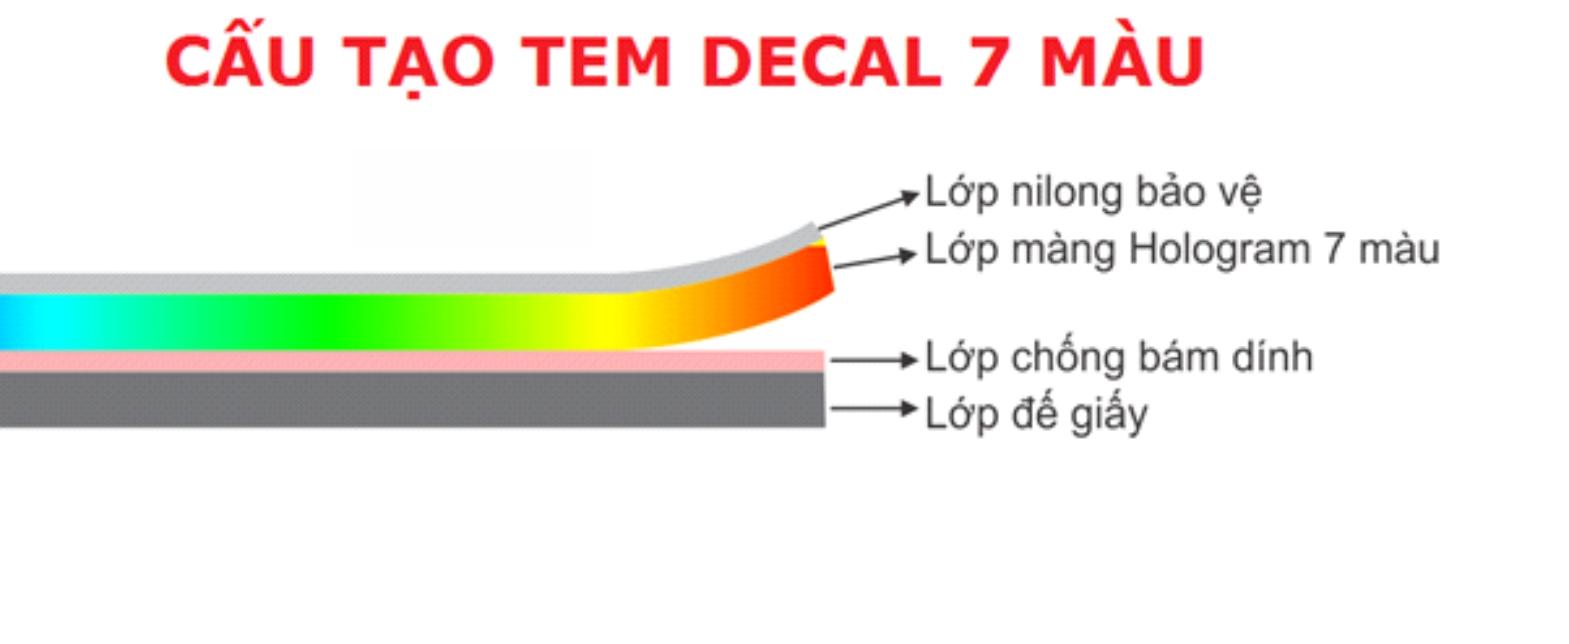 cấu tạo decal 7 màu